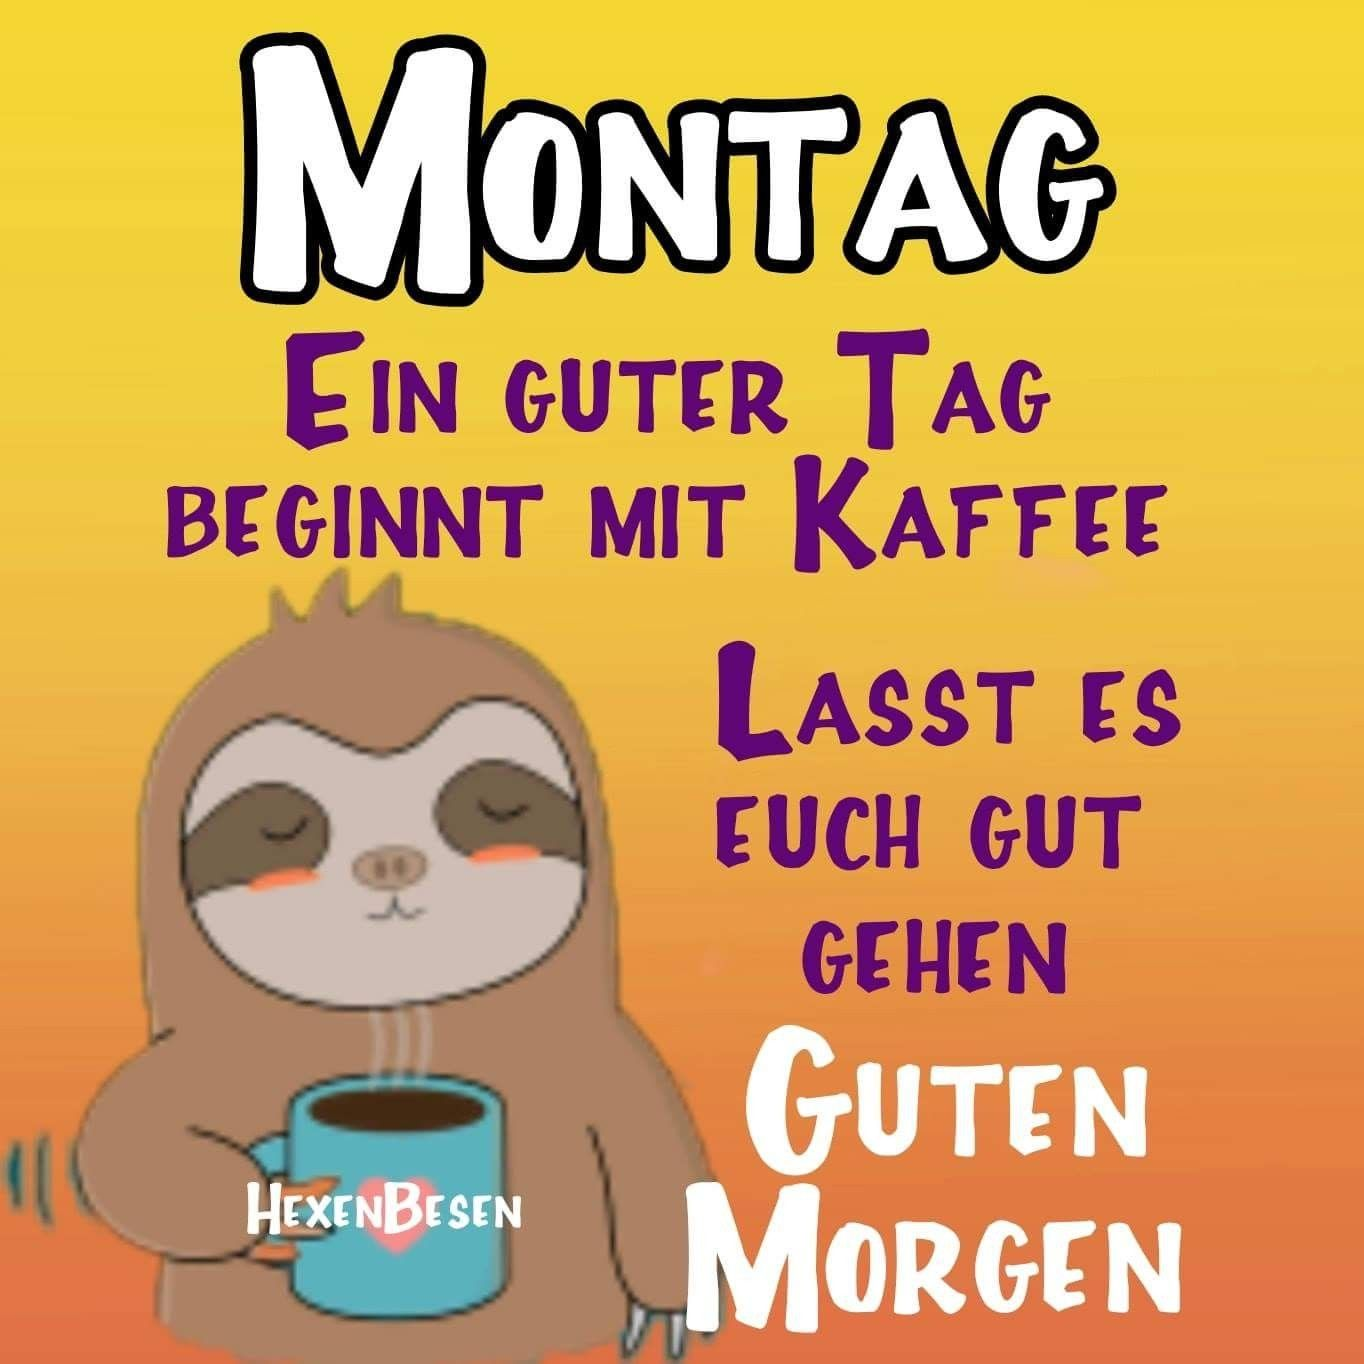 Schönen Montag Morgen Kaffee Bilder Und Sprüche Für